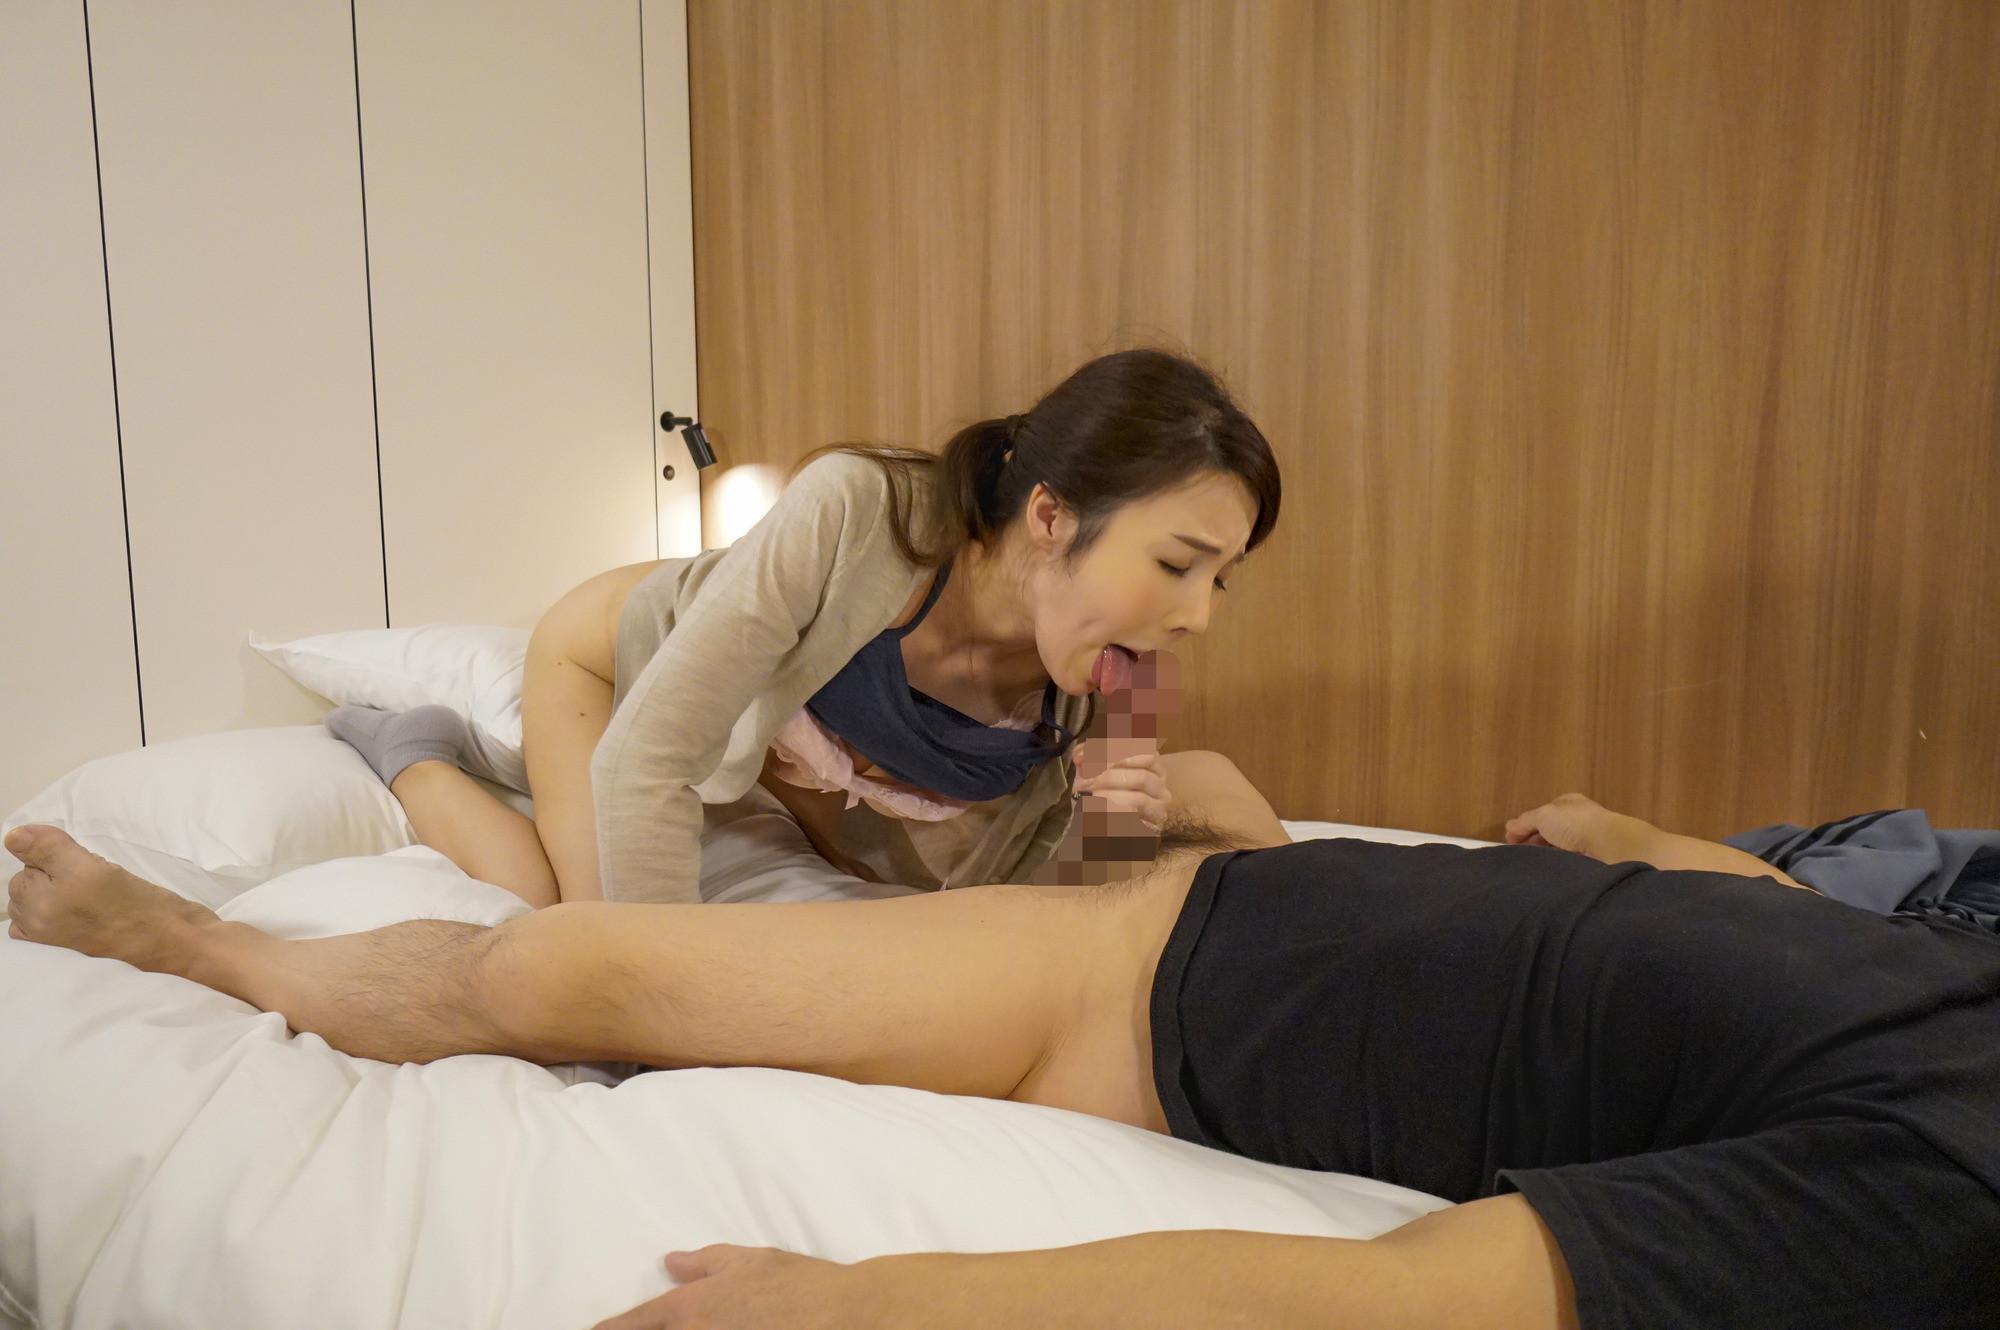 十年以上もセックスレスの美魔女マッサージ師に生挿入 恵麻48歳 画像8